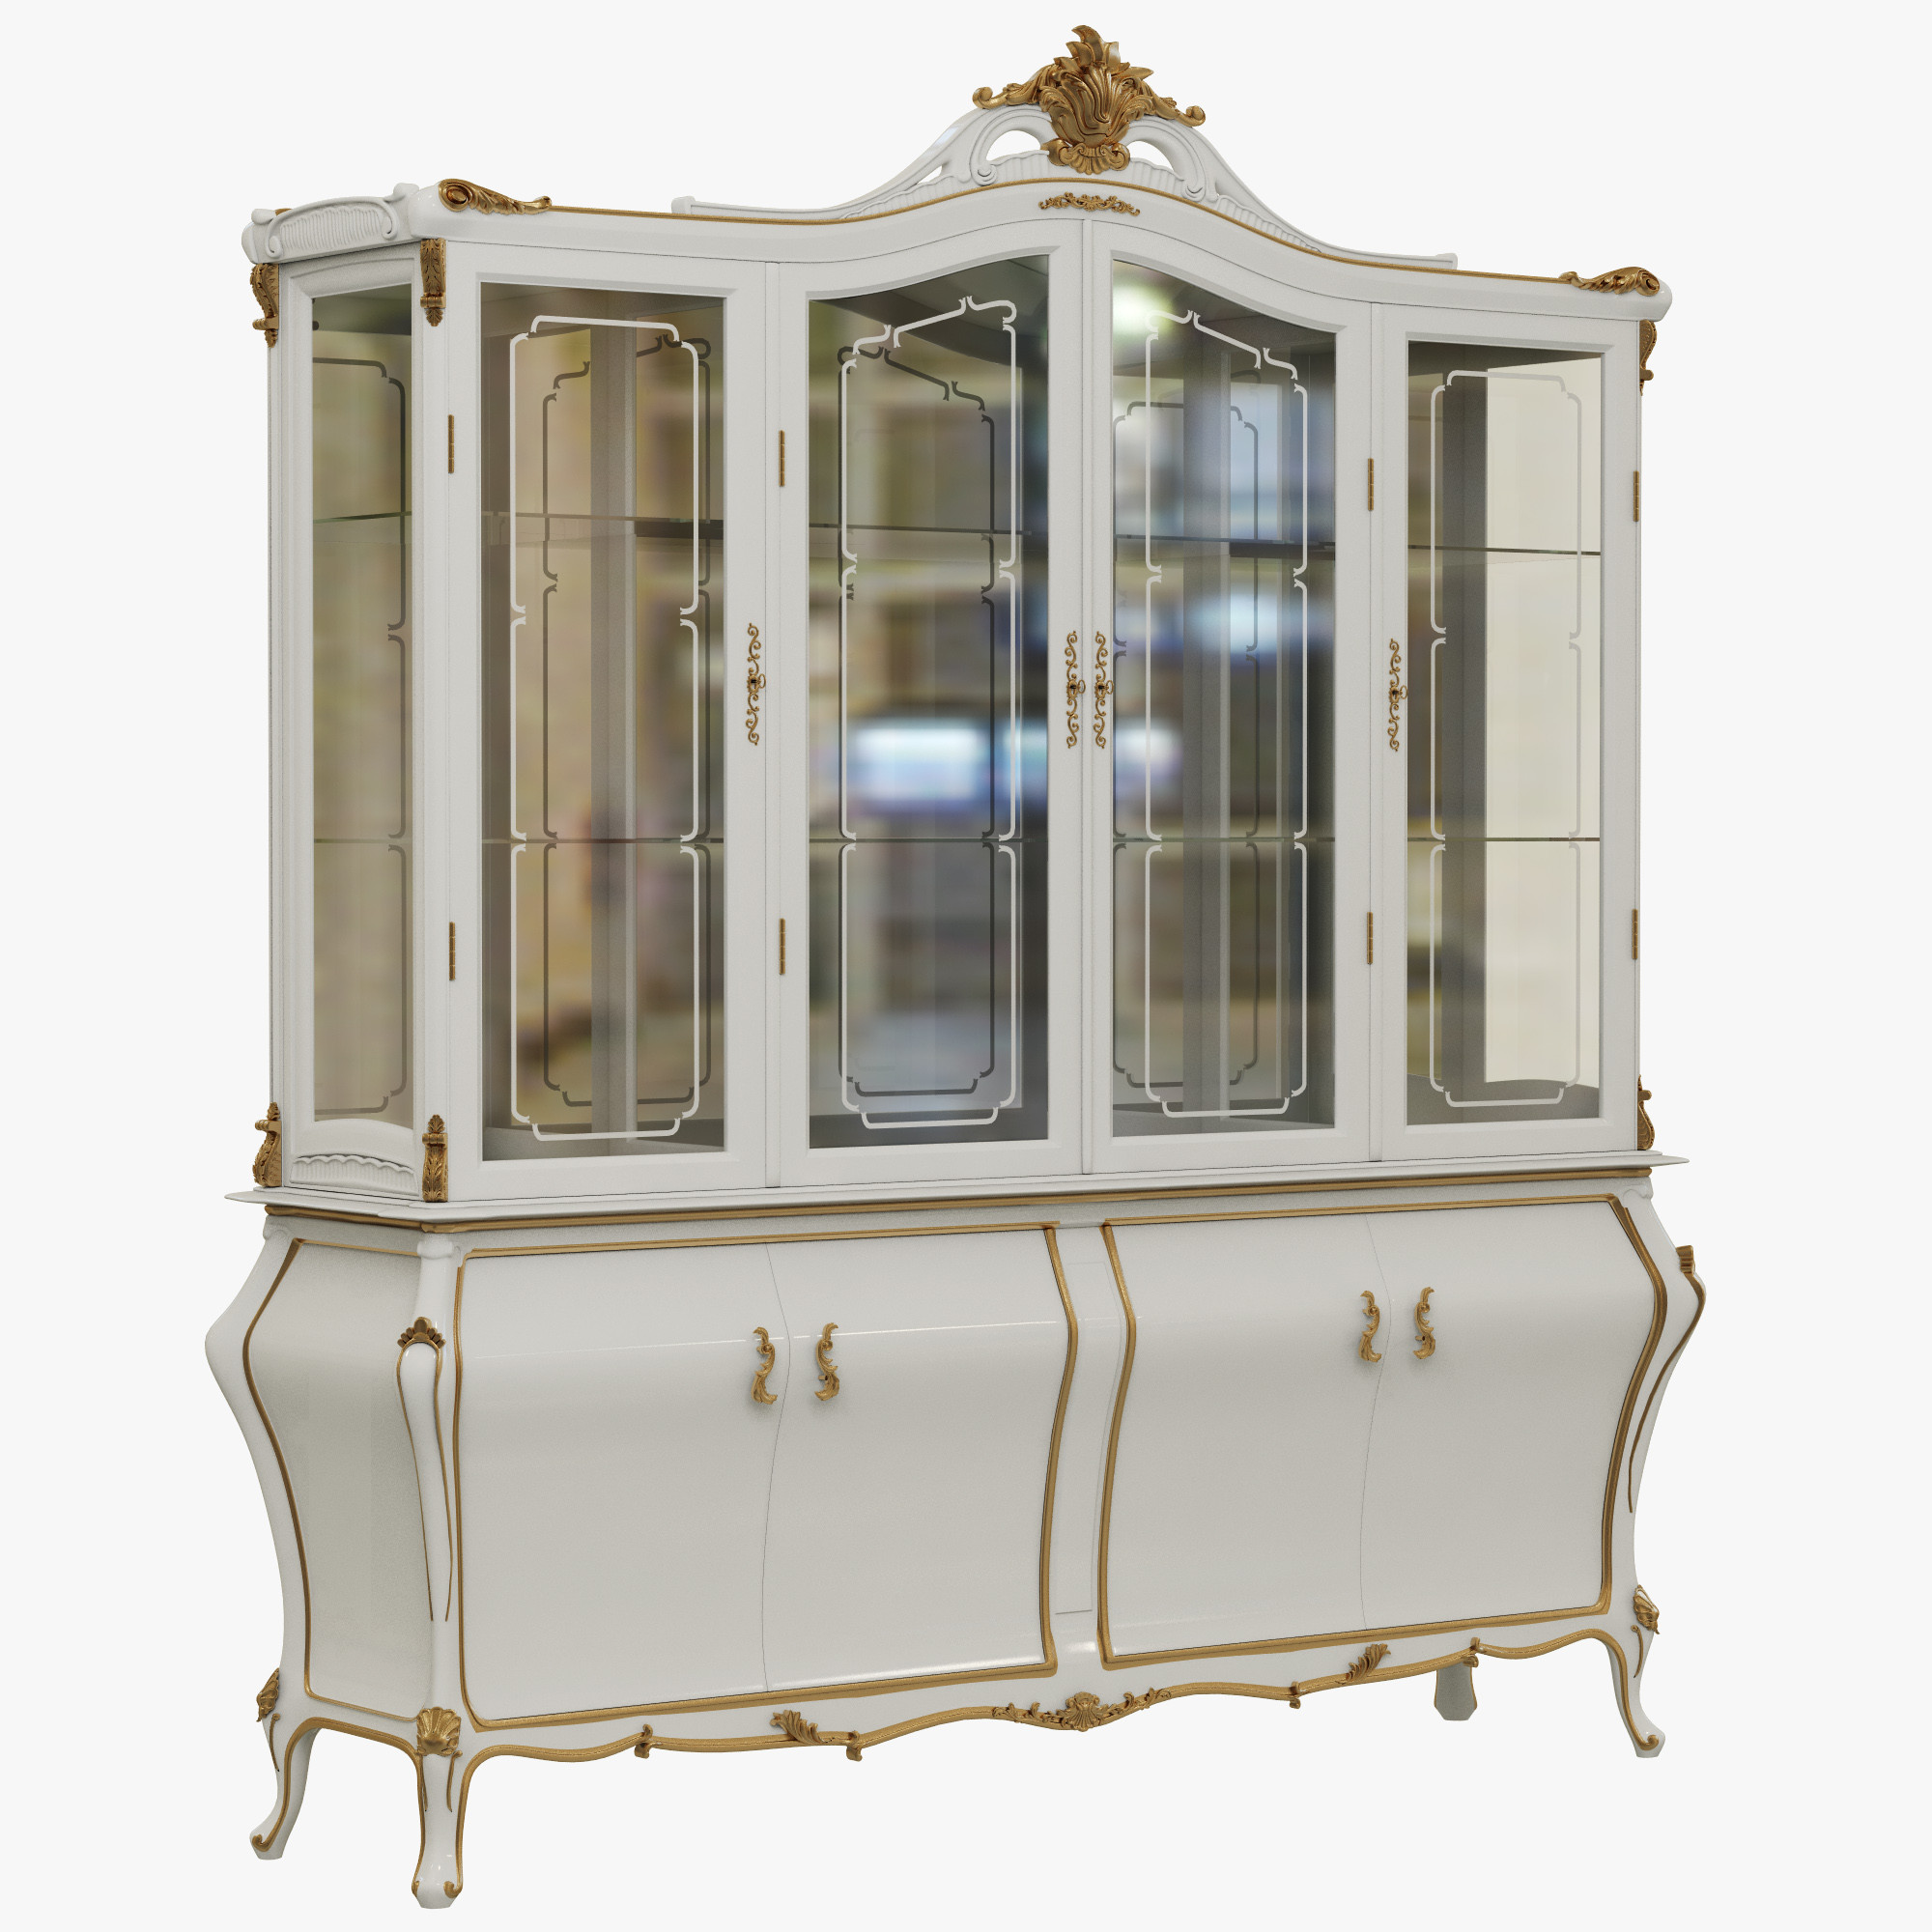 InStyle Faberge showcase